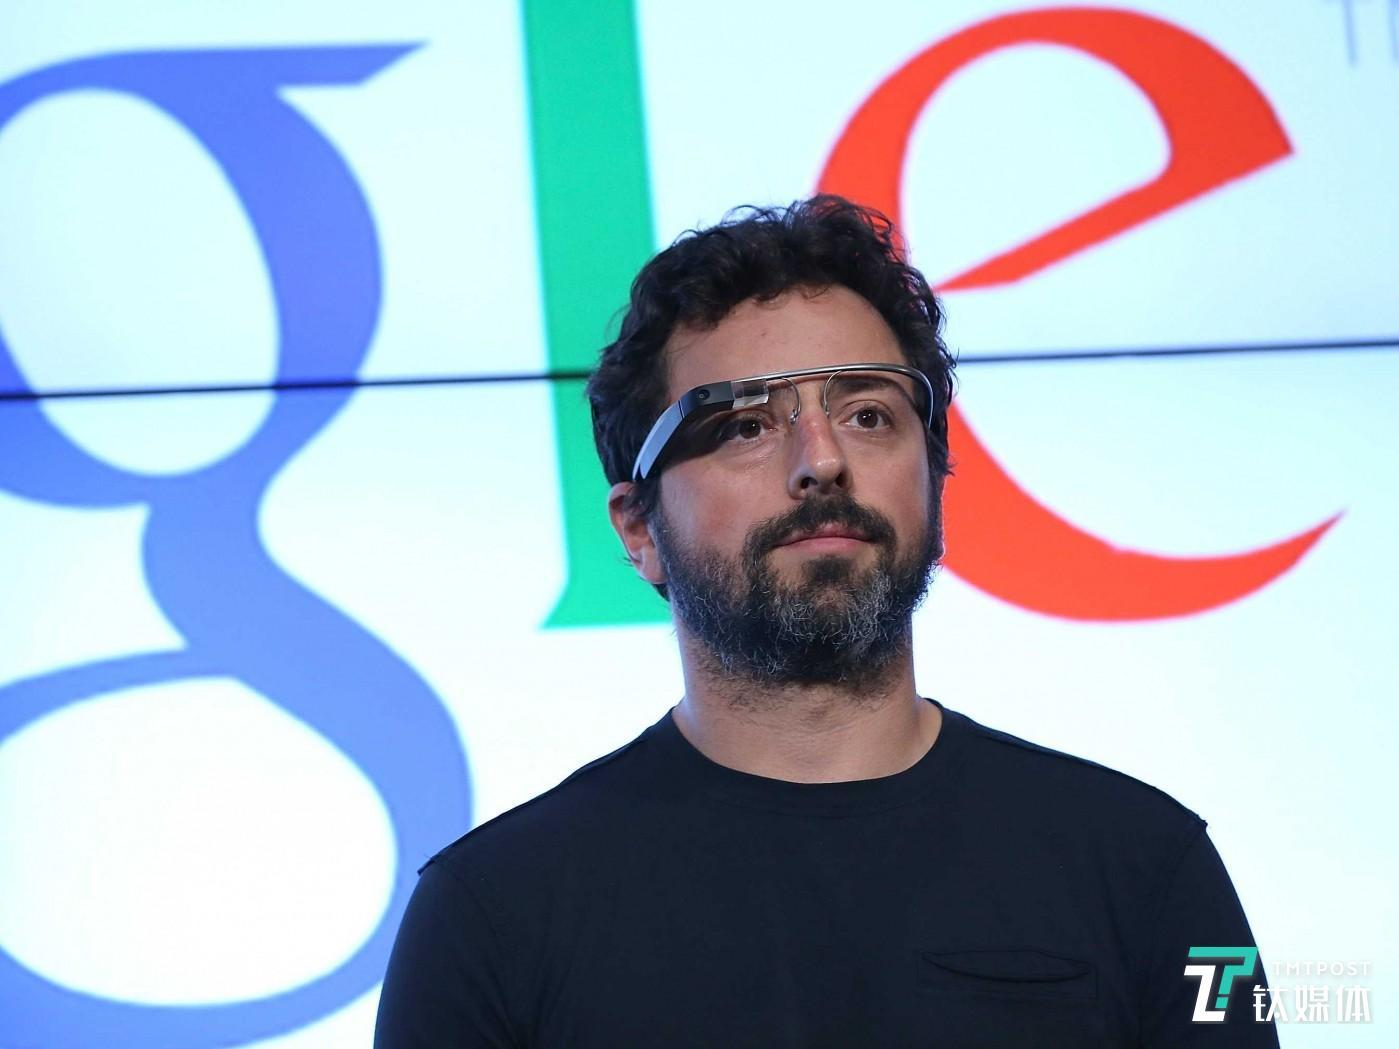 时任Google 公司CEO 谢尔盖·布林 Justin Sullivan/Getty Images